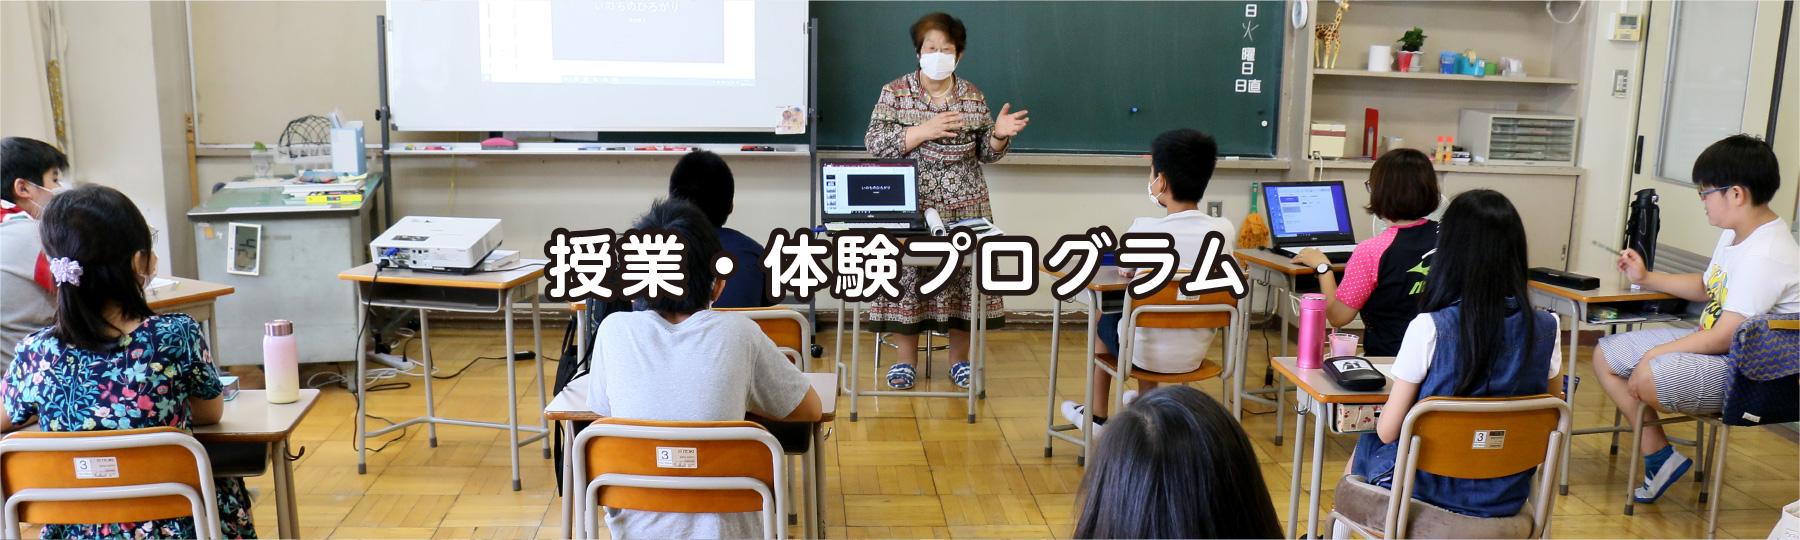 授業・体験プログラム